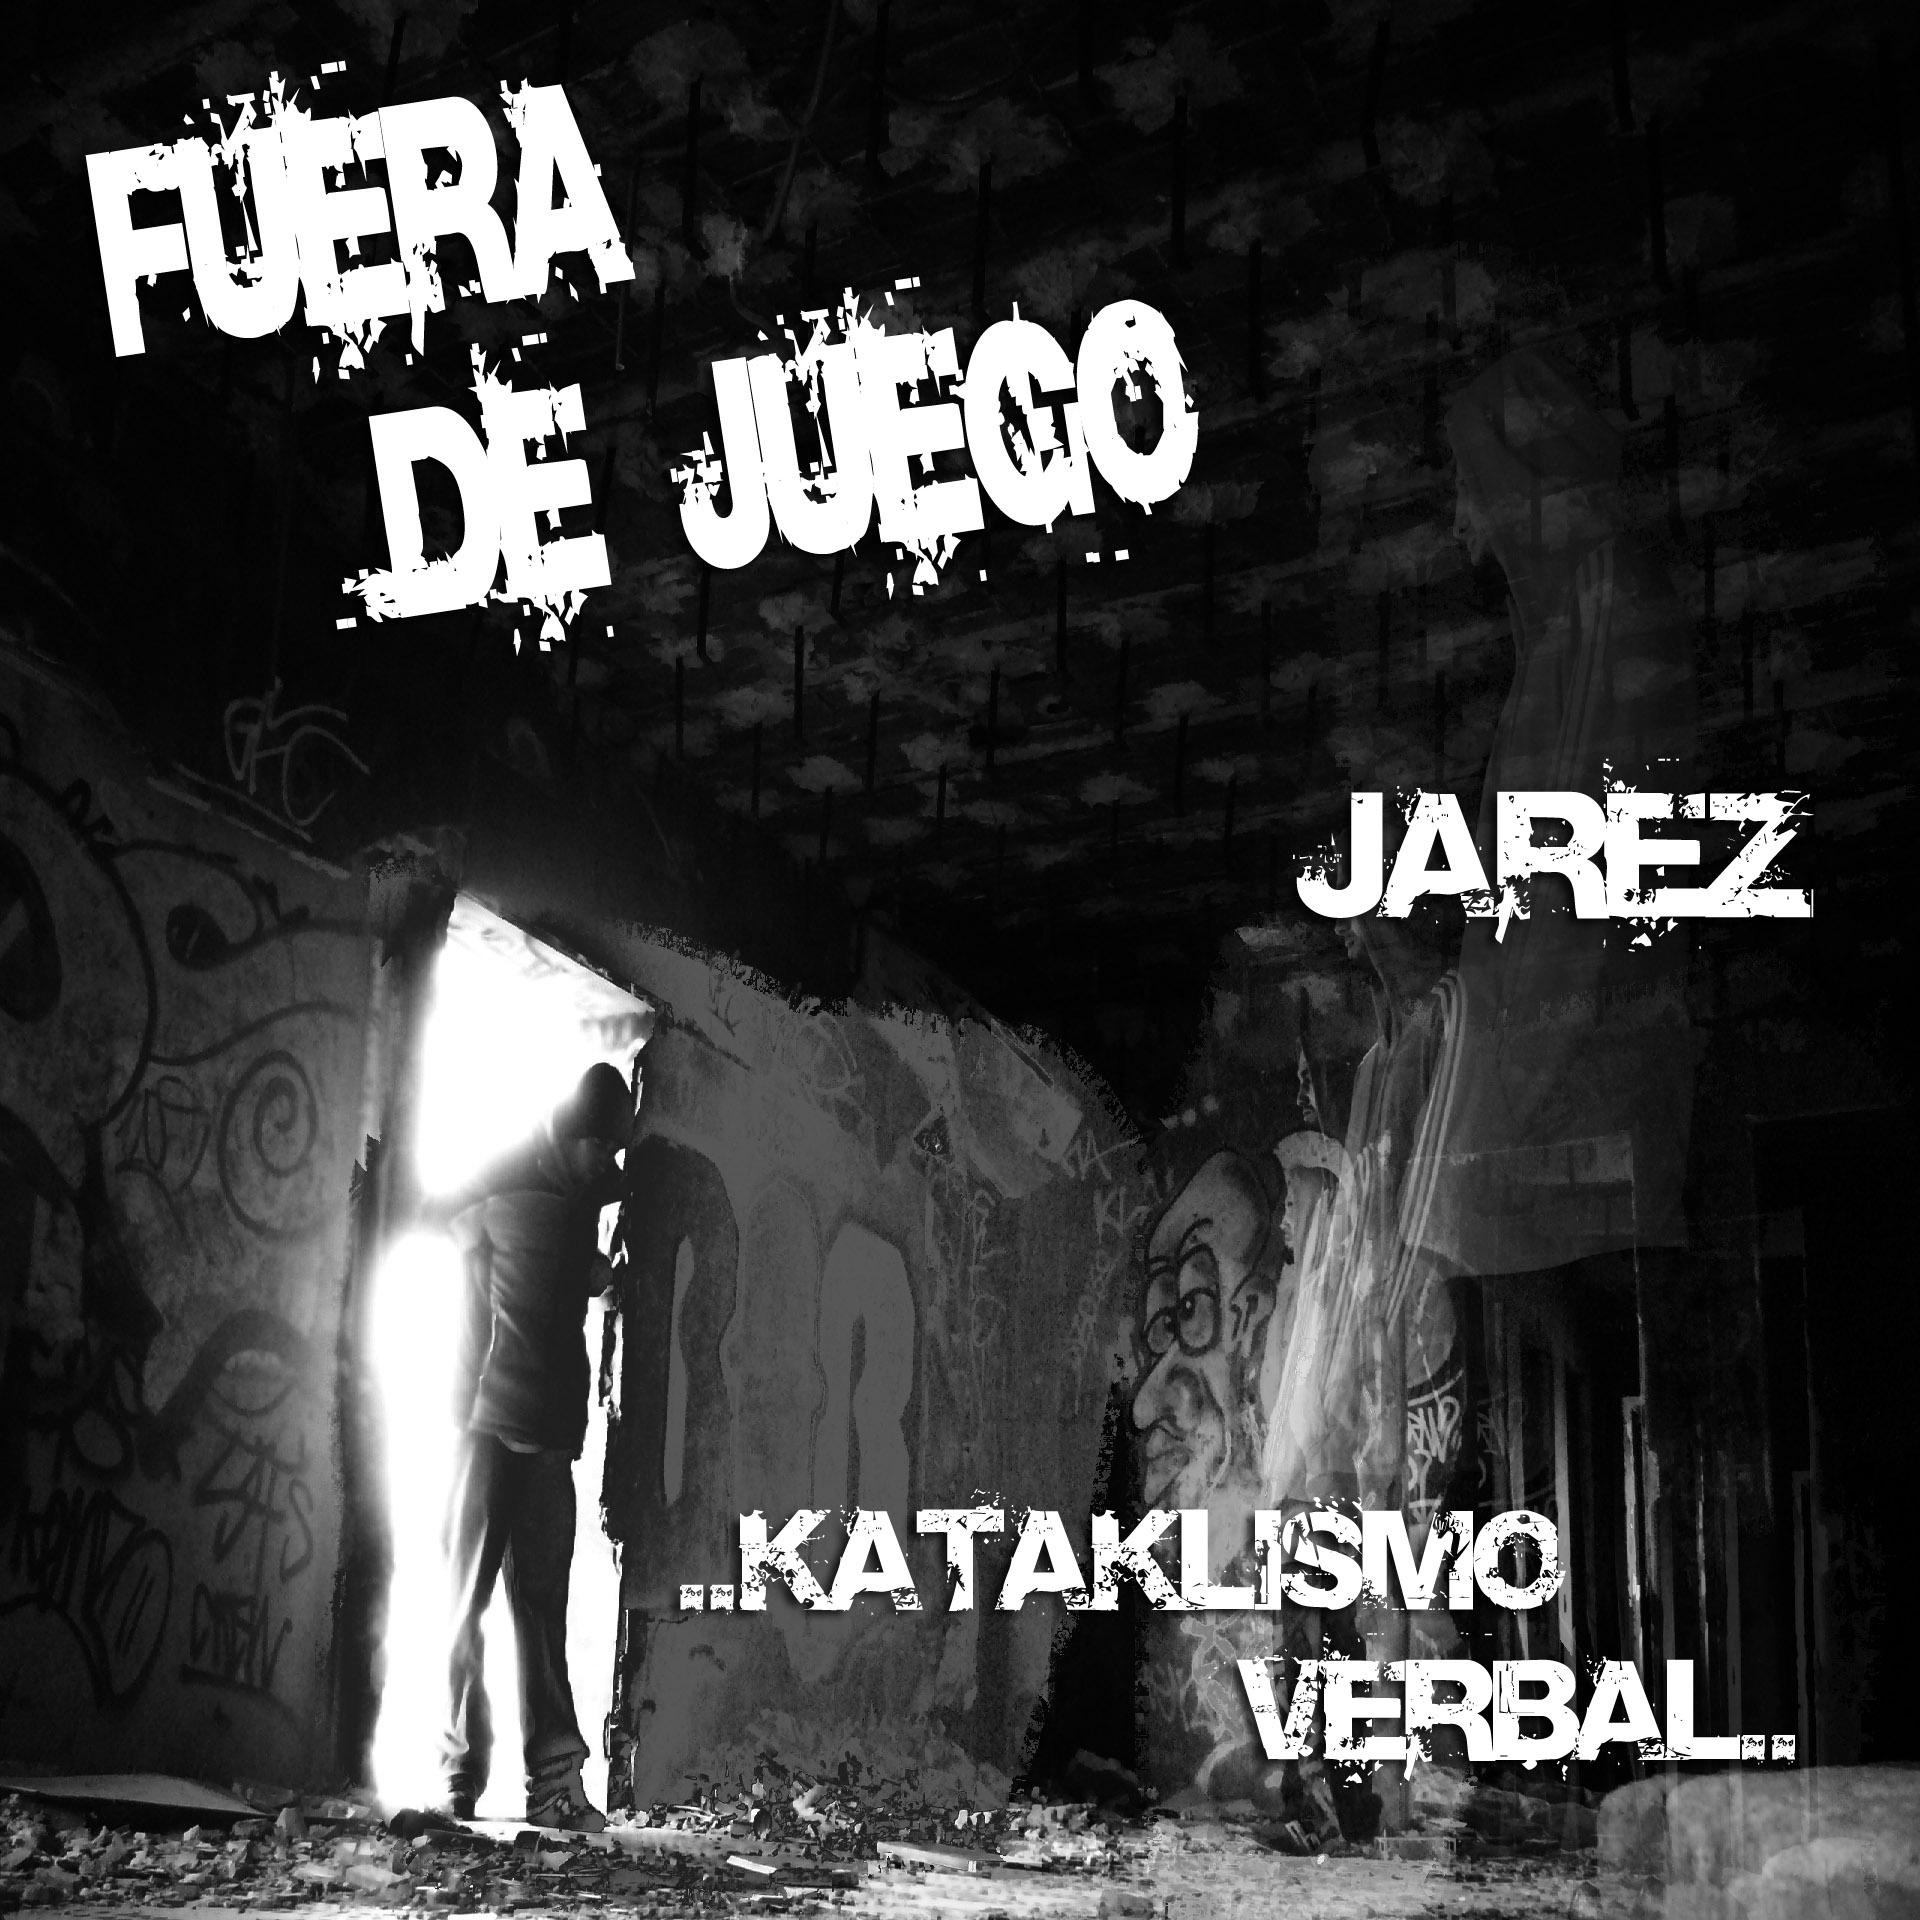 Jarez y kataklismo verbal fuera de juego lbum hip hop for Autor de fuera de juego